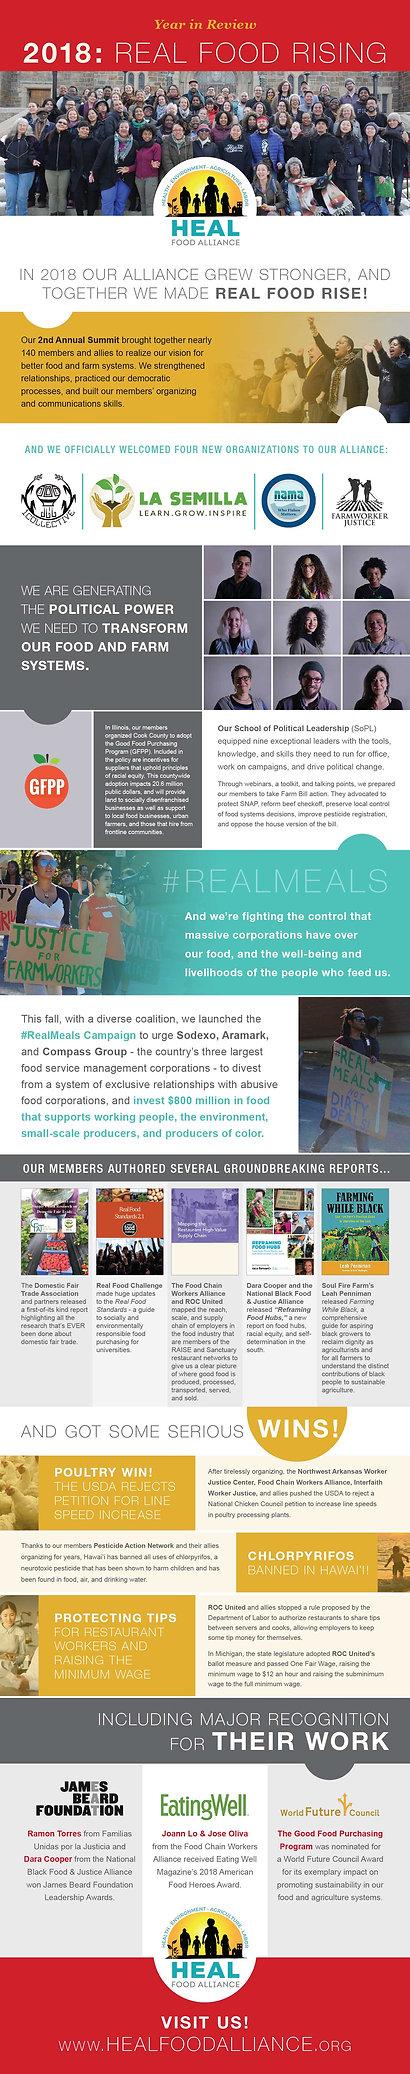 2018-HEAL_Real-Food-Rising_report.jpg